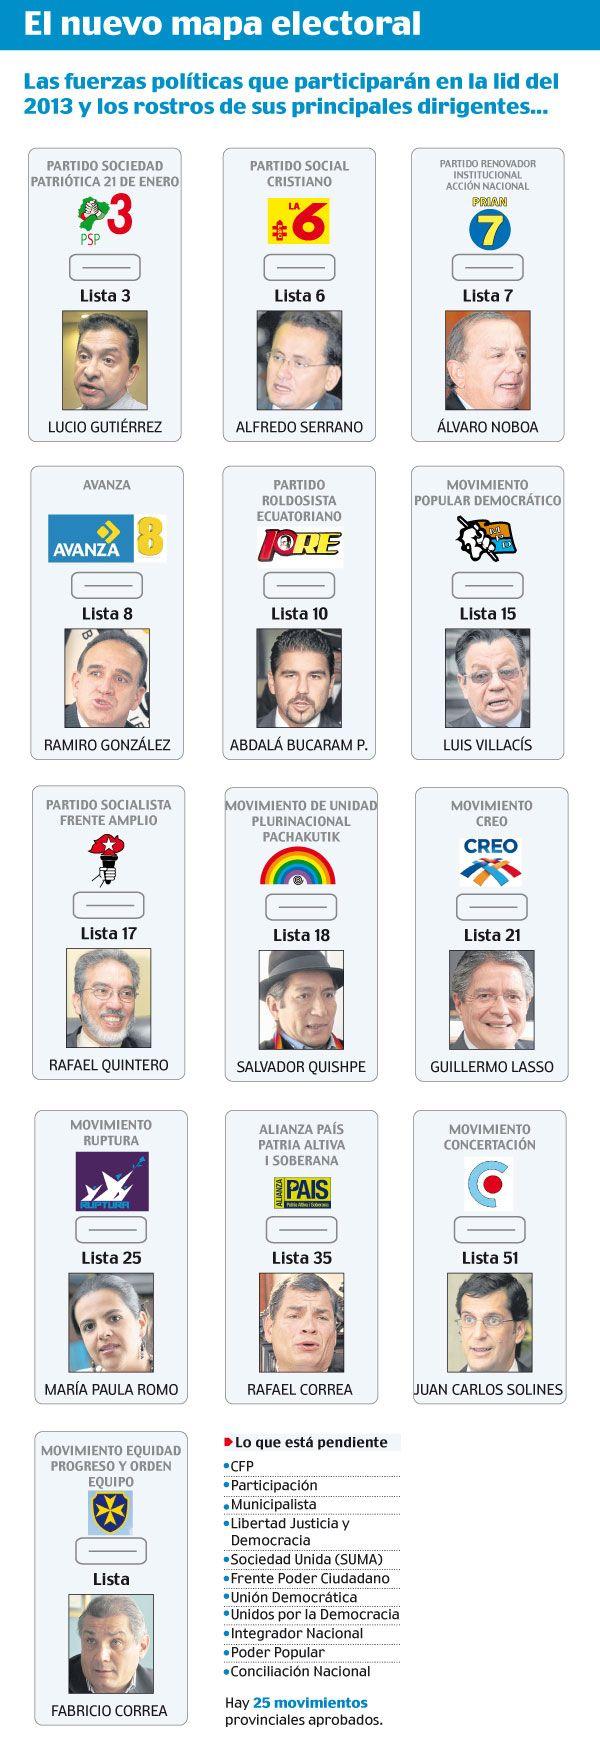 El nuevo mapa electoral en #Ecuador via El Comercio